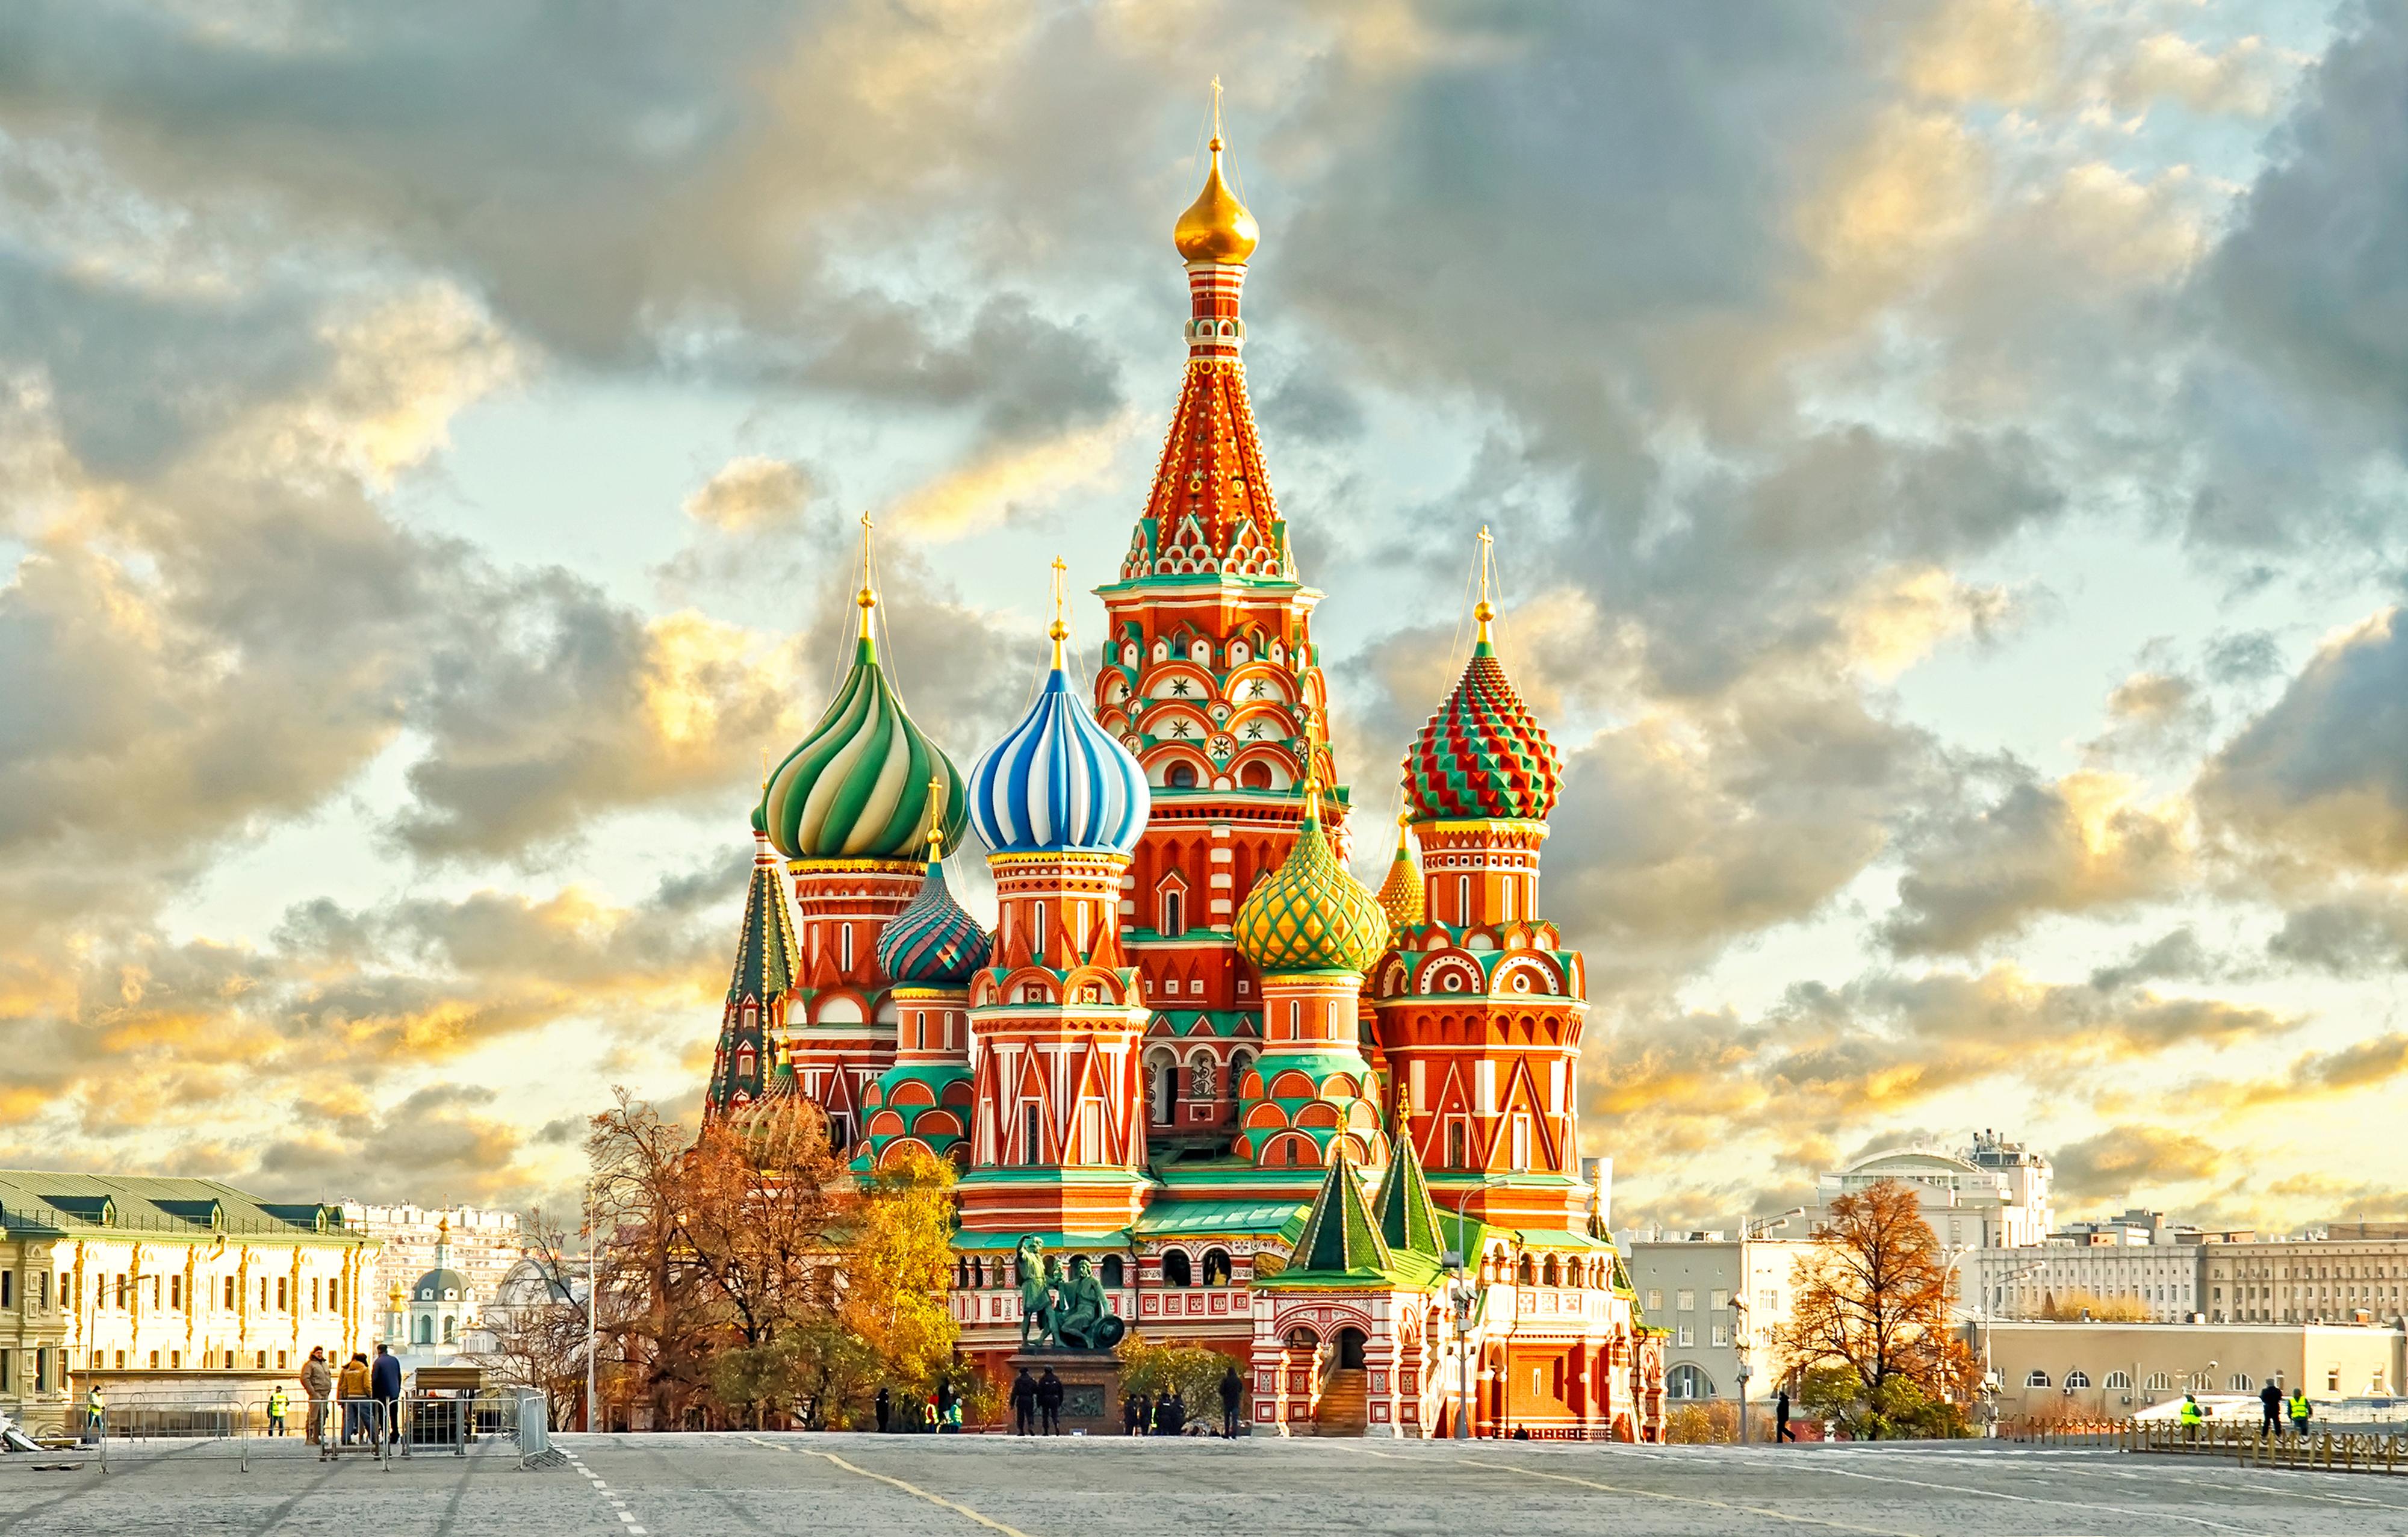 Москва в фотографиях фотографии Москвы панорамы Москвы